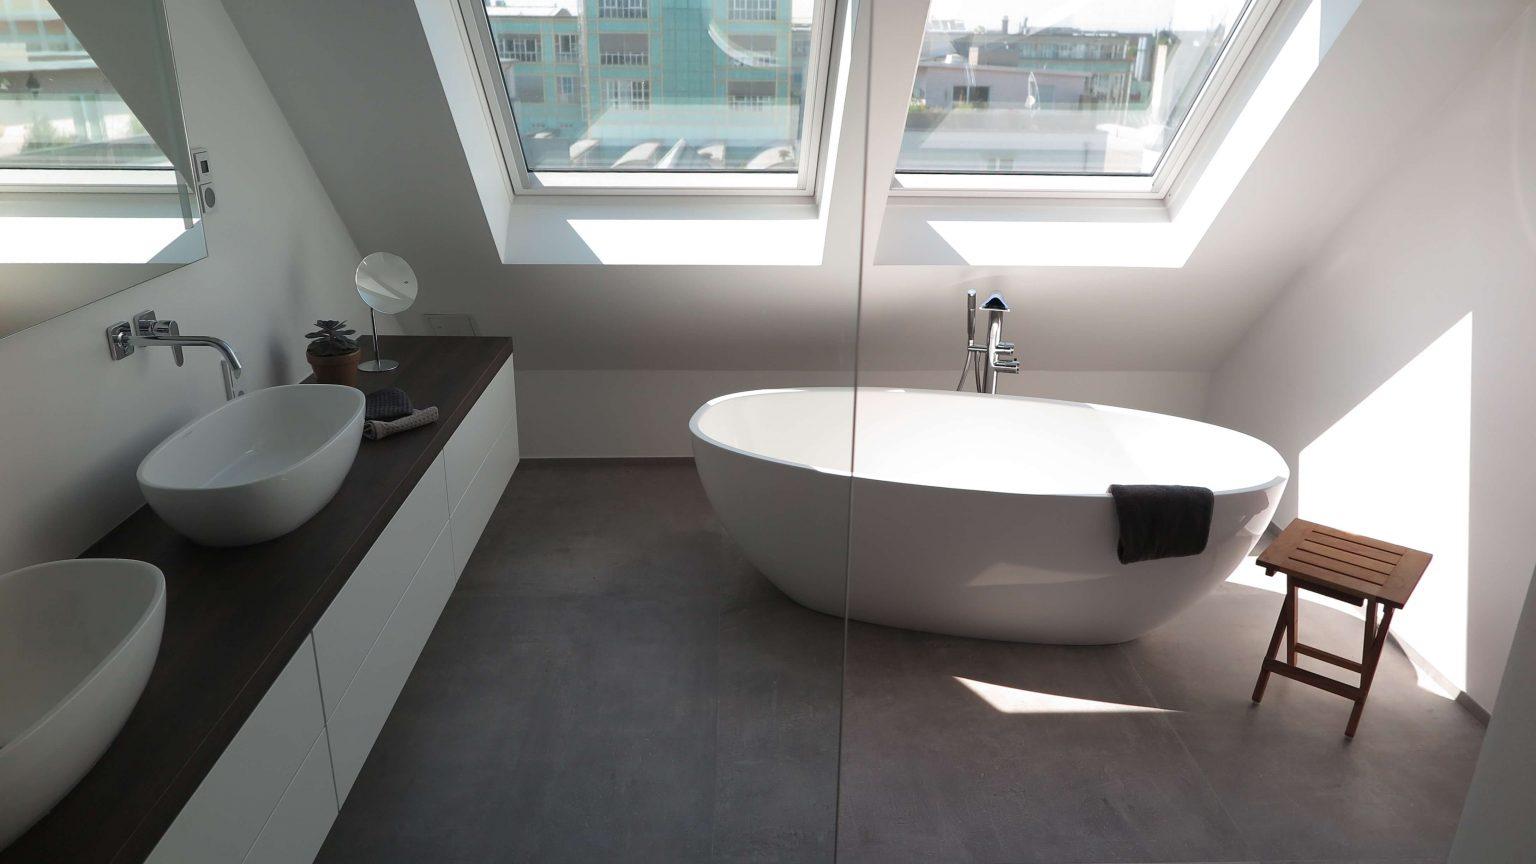 Wohnungsbau freistehende Badewanne